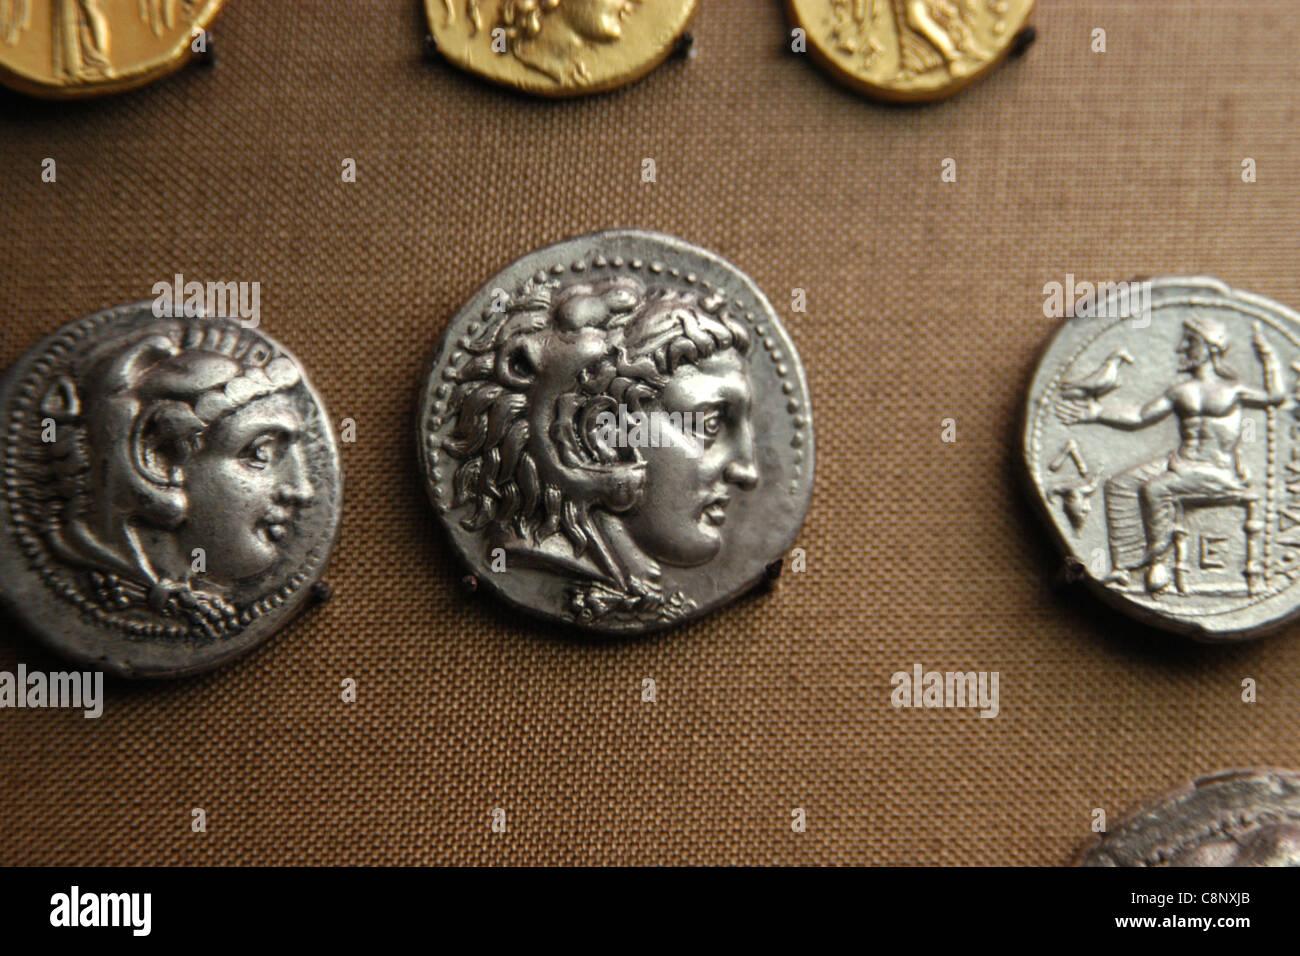 Antike griechische Münzen Alexanders des großen aus der numismatischen Sammlung des Pergamonmuseums in Stockbild